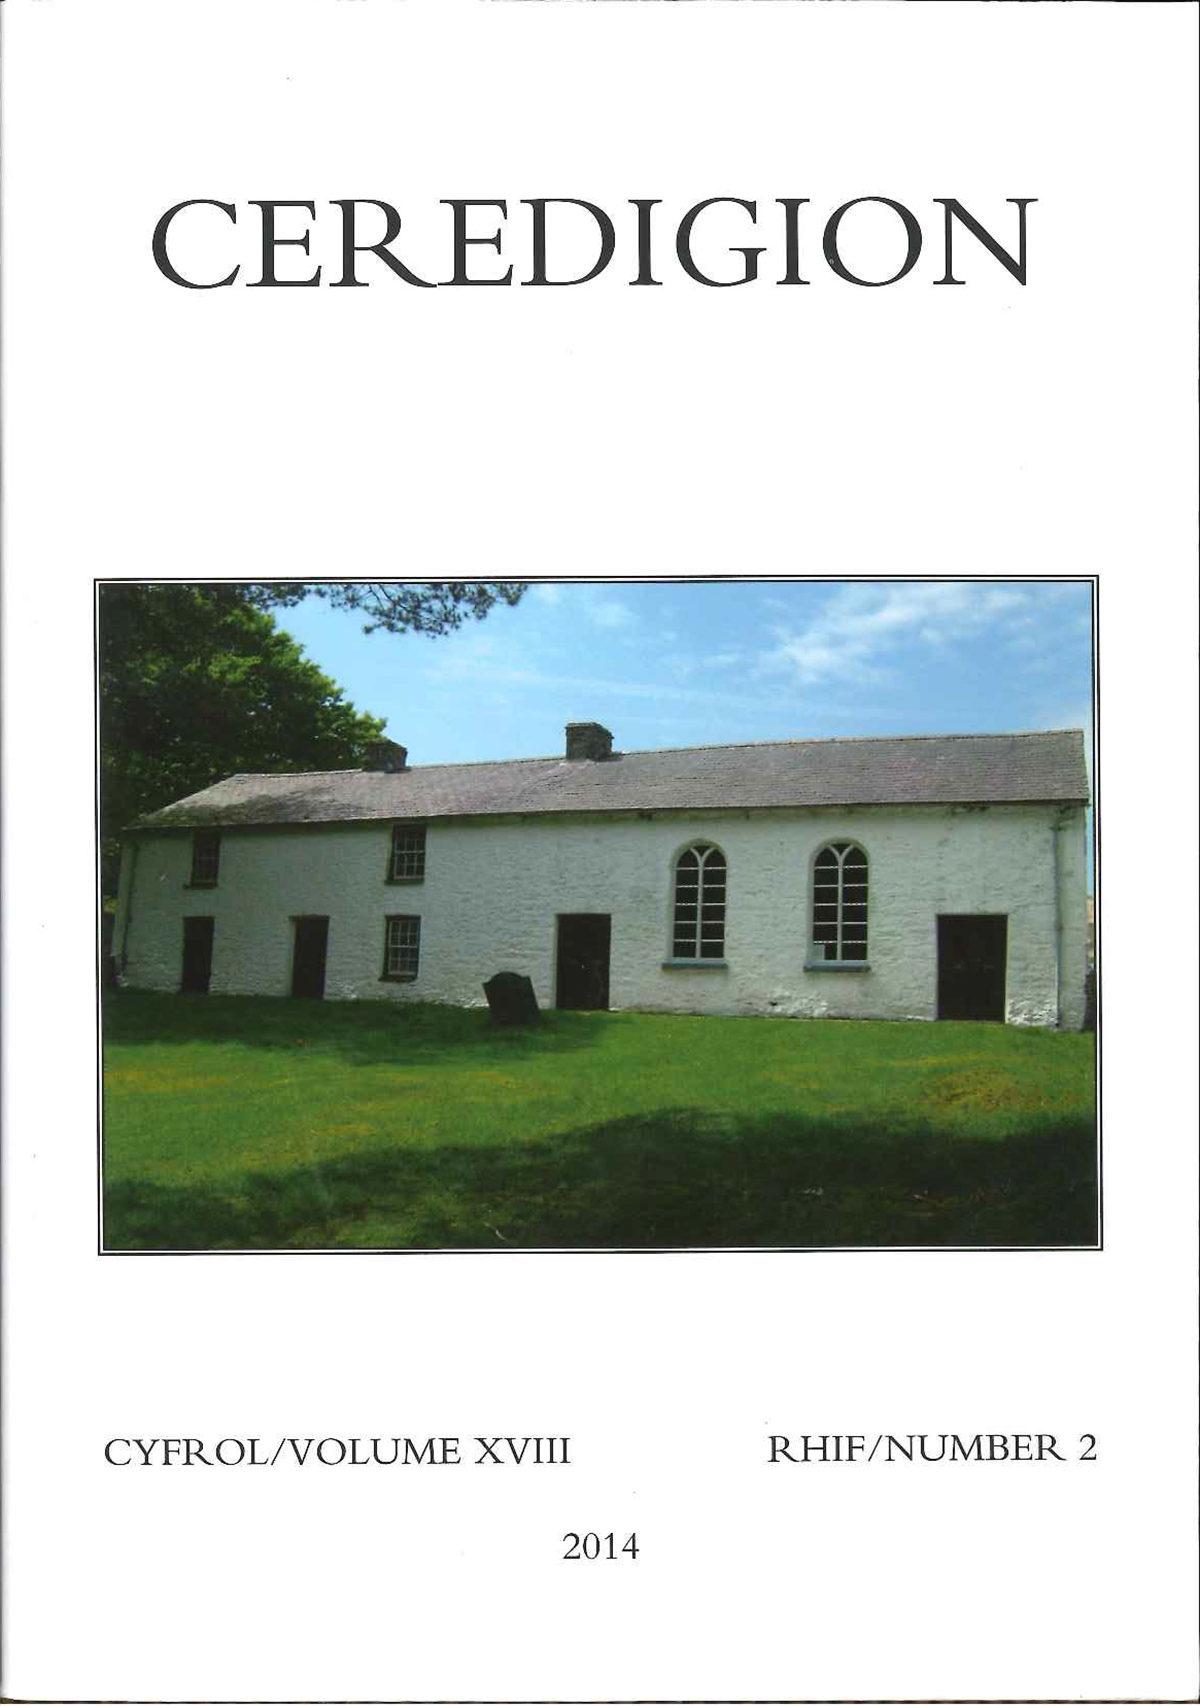 Ceredigion - Cylchgrawn Cymdeithas Hanes Ceredigion, Cyfrol XVIII, Rhifyn 2, 2014 - ISBN 0069 2263